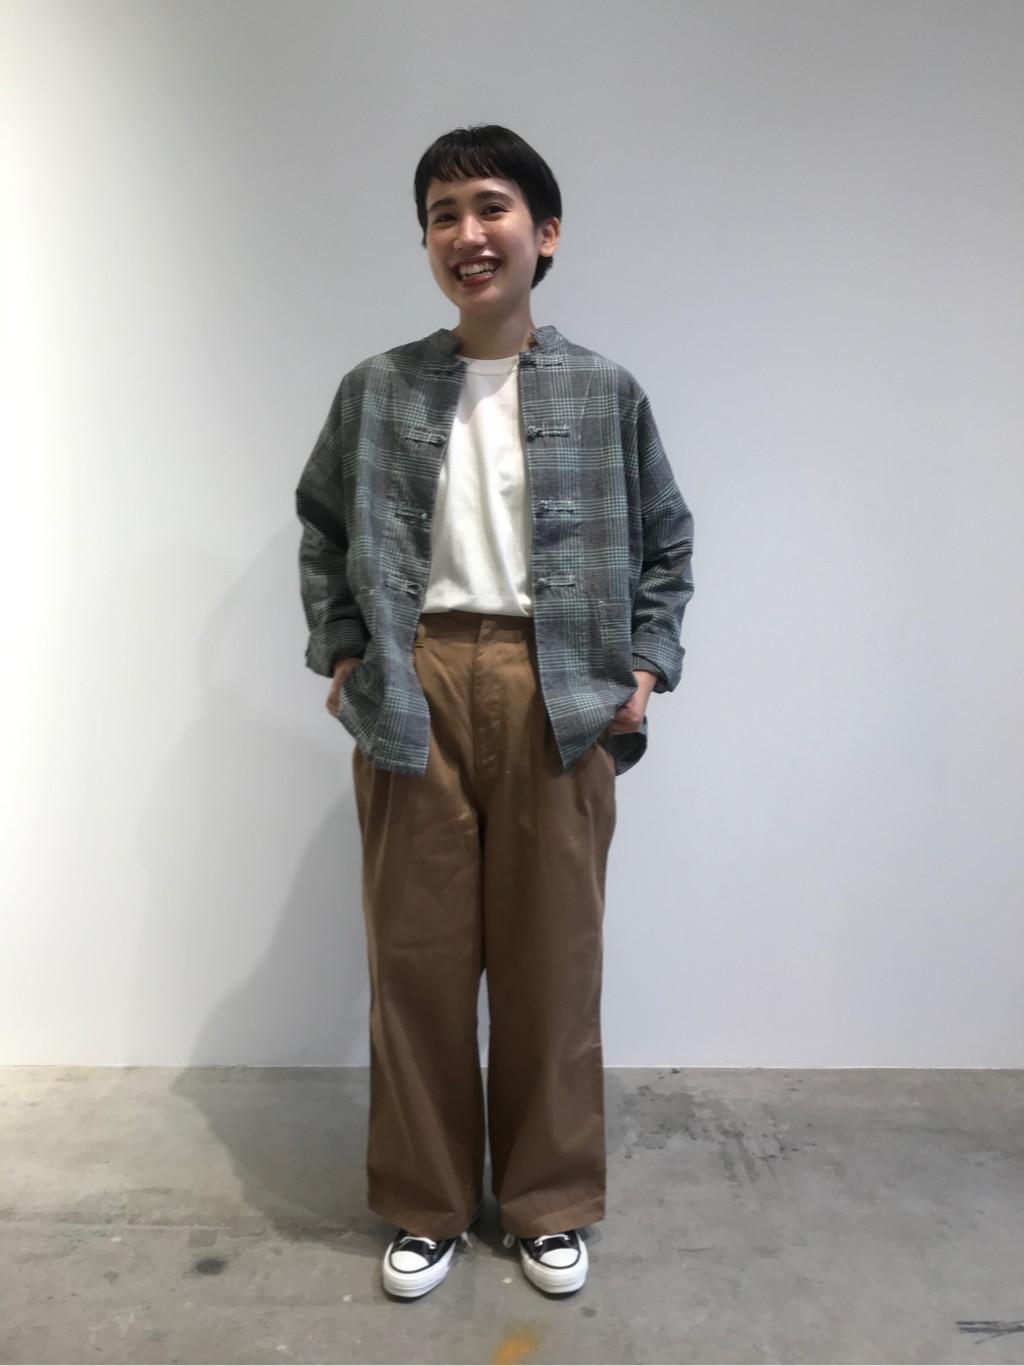 - PAR ICI FLAT AMB 名古屋栄路面 身長:156cm 2020.08.19